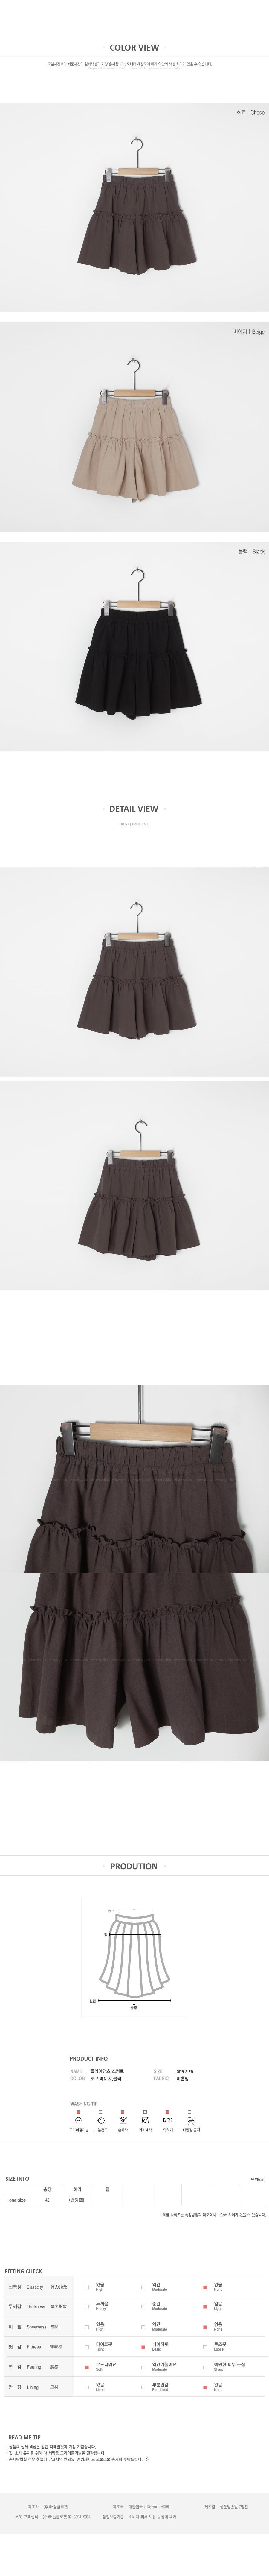 Flared pants skirt